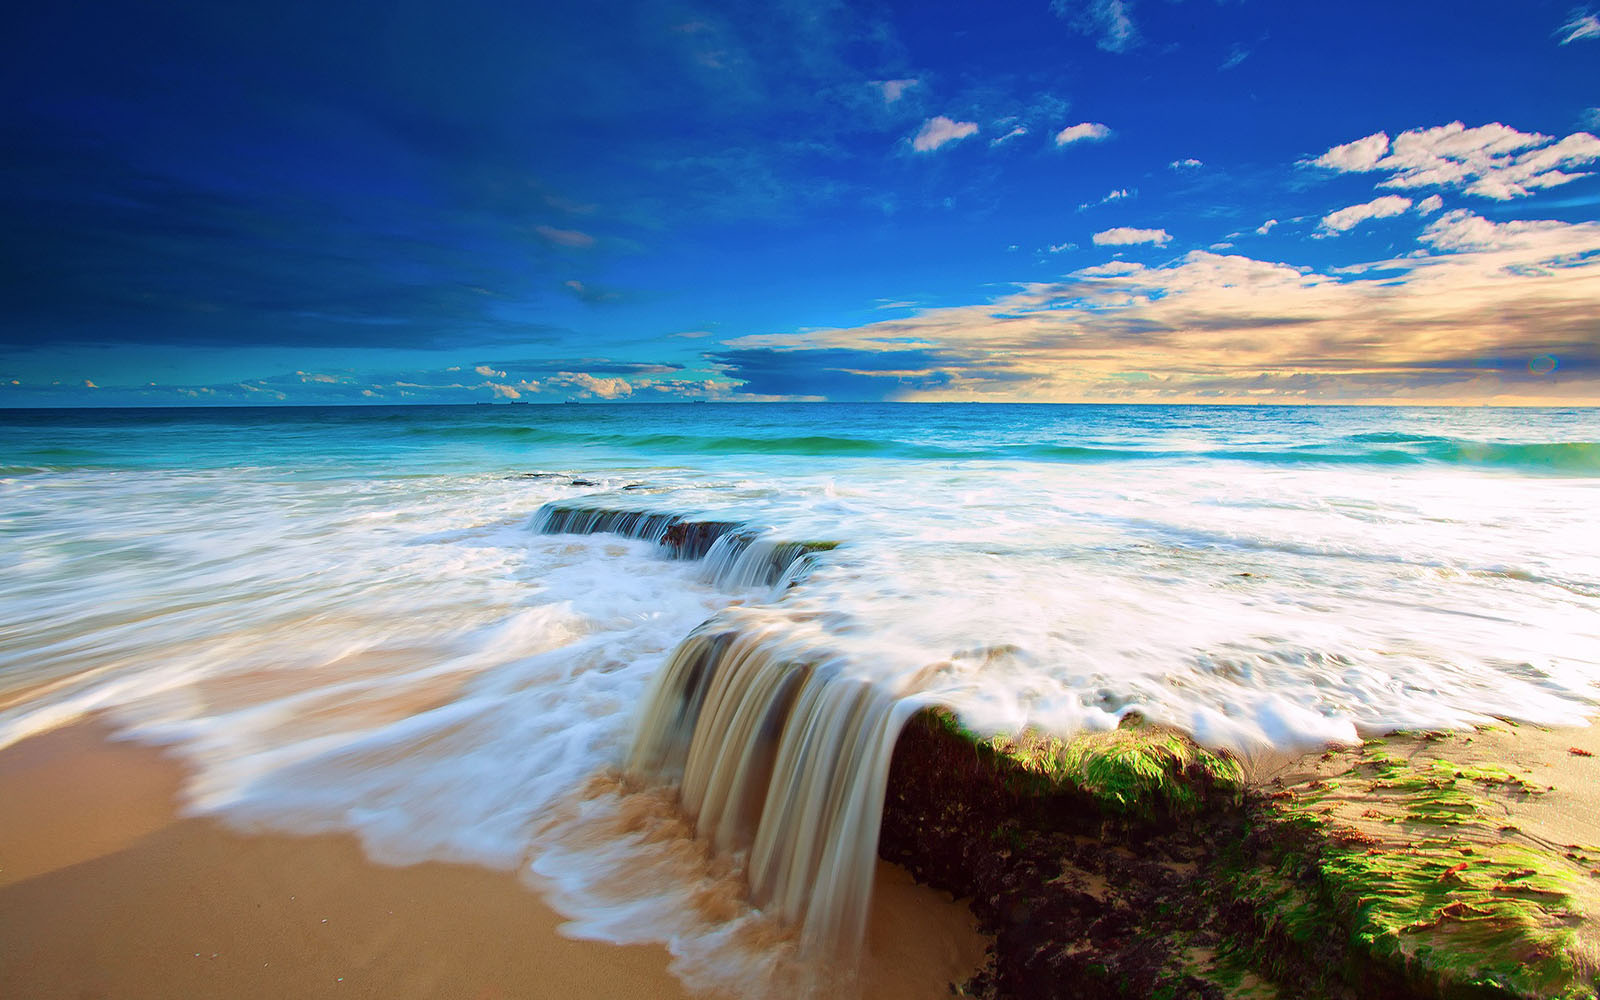 صور خلفيات جميله , صور اجمل خلفيات للبحر